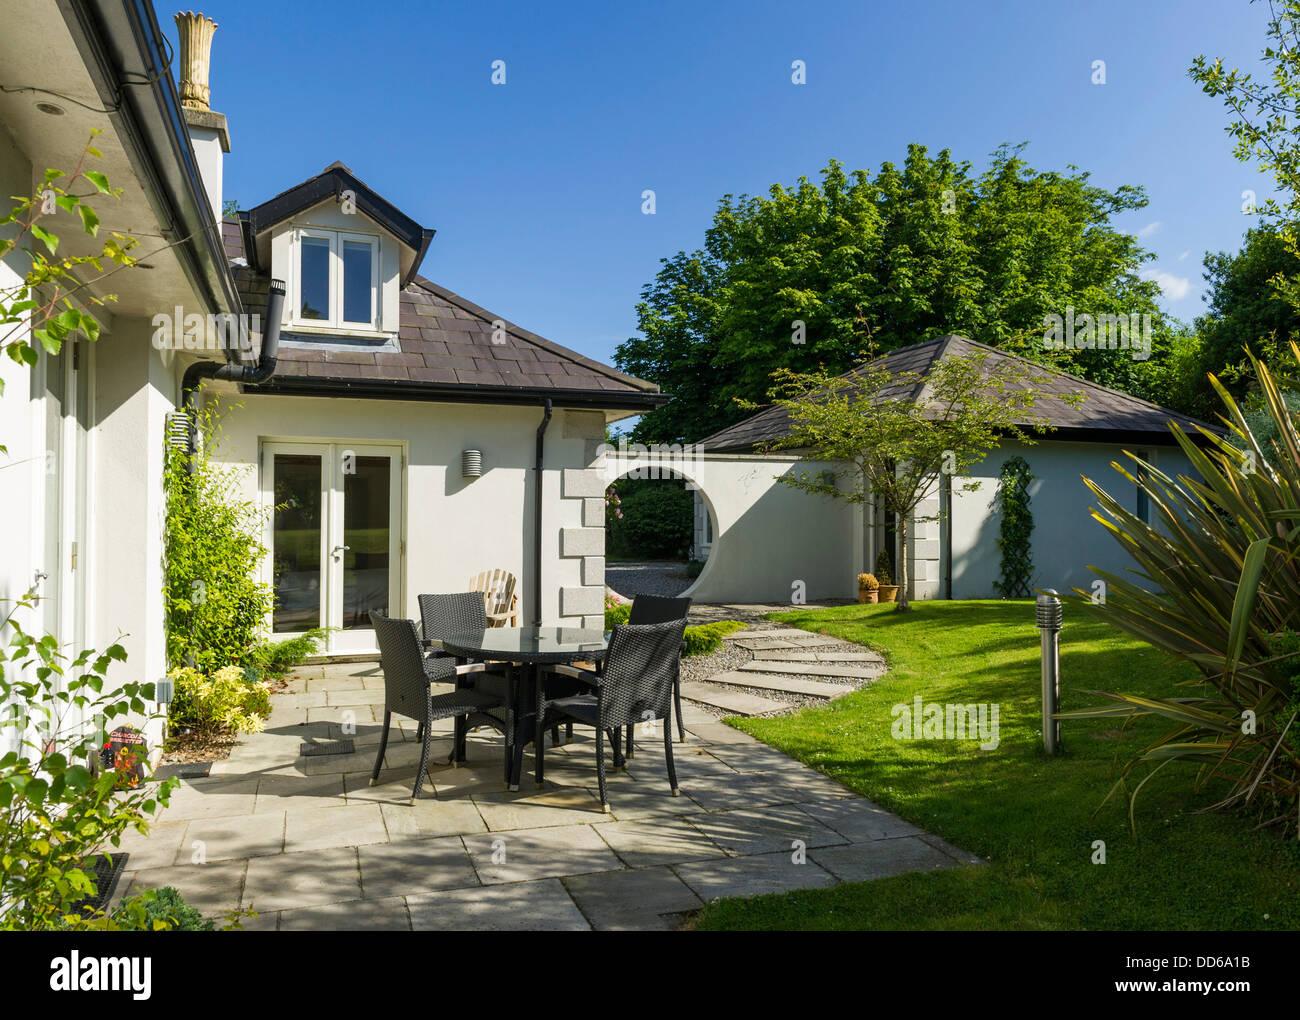 Patio con tavolo e sedie ad uso residenziale in estate Immagini Stock